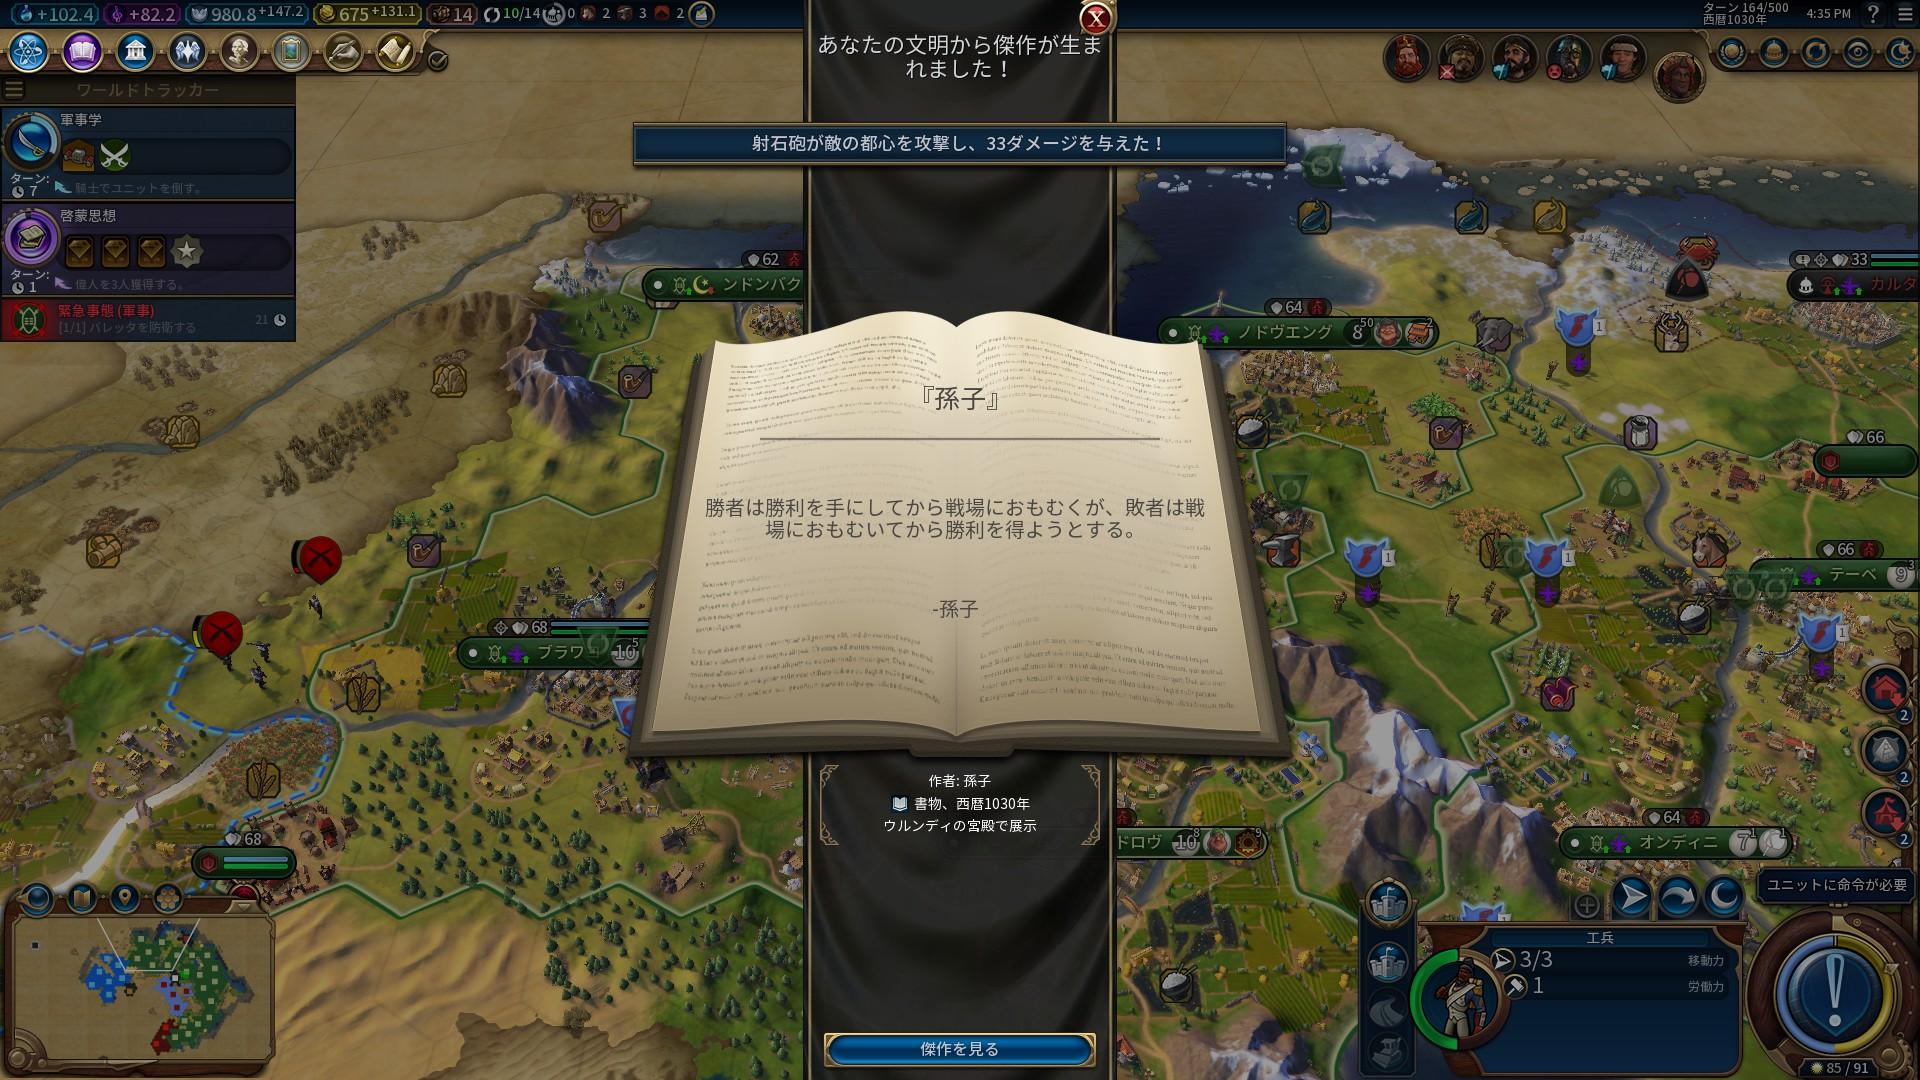 23_孫氏の兵法.jpg